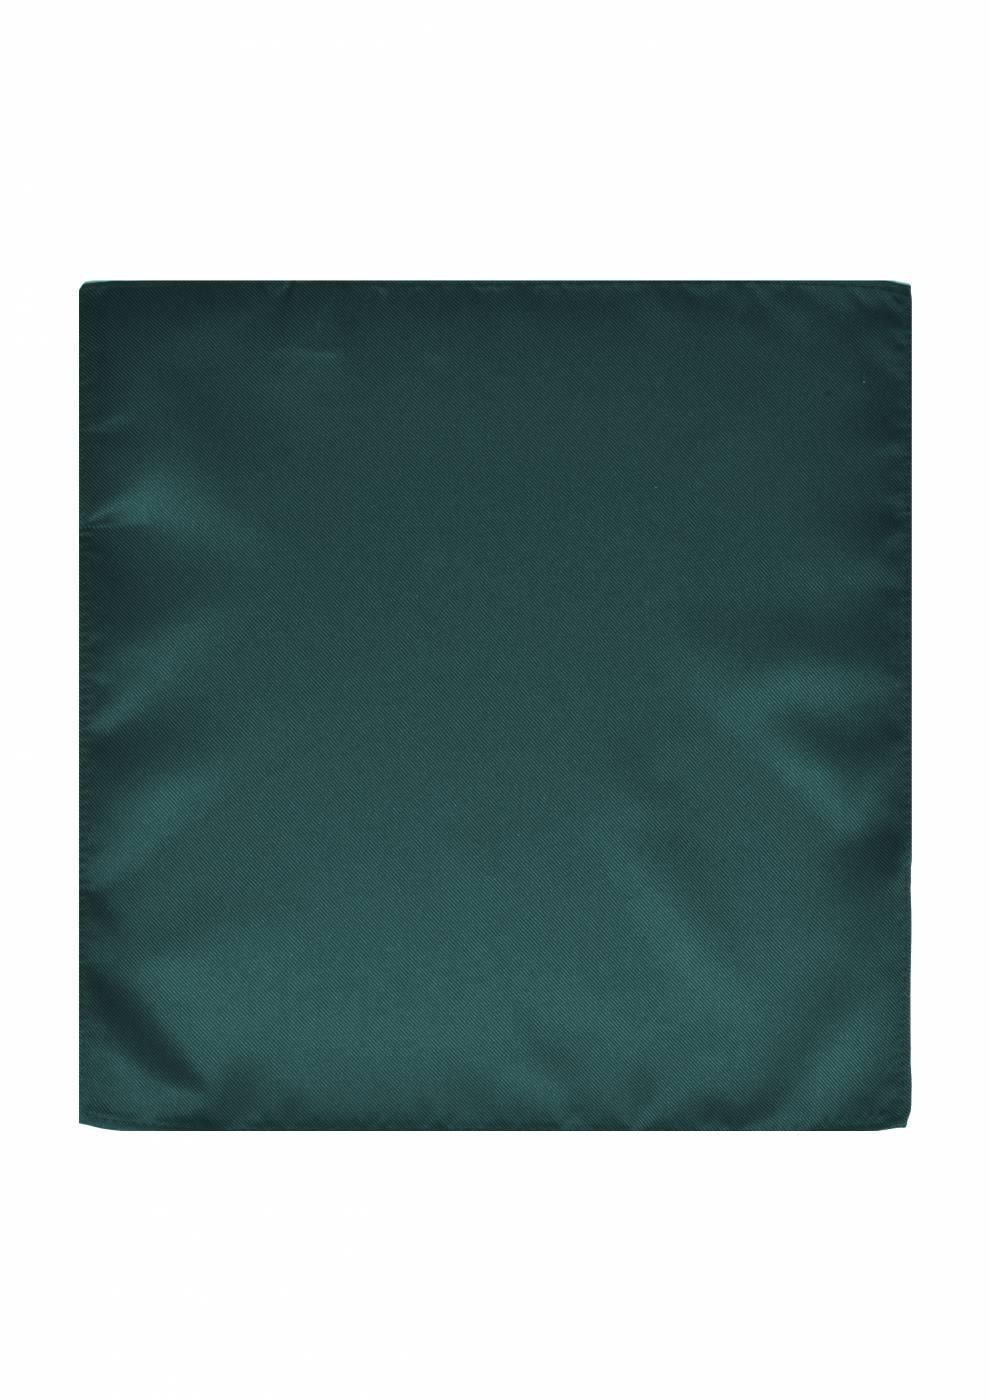 49.JamesSquare-Green